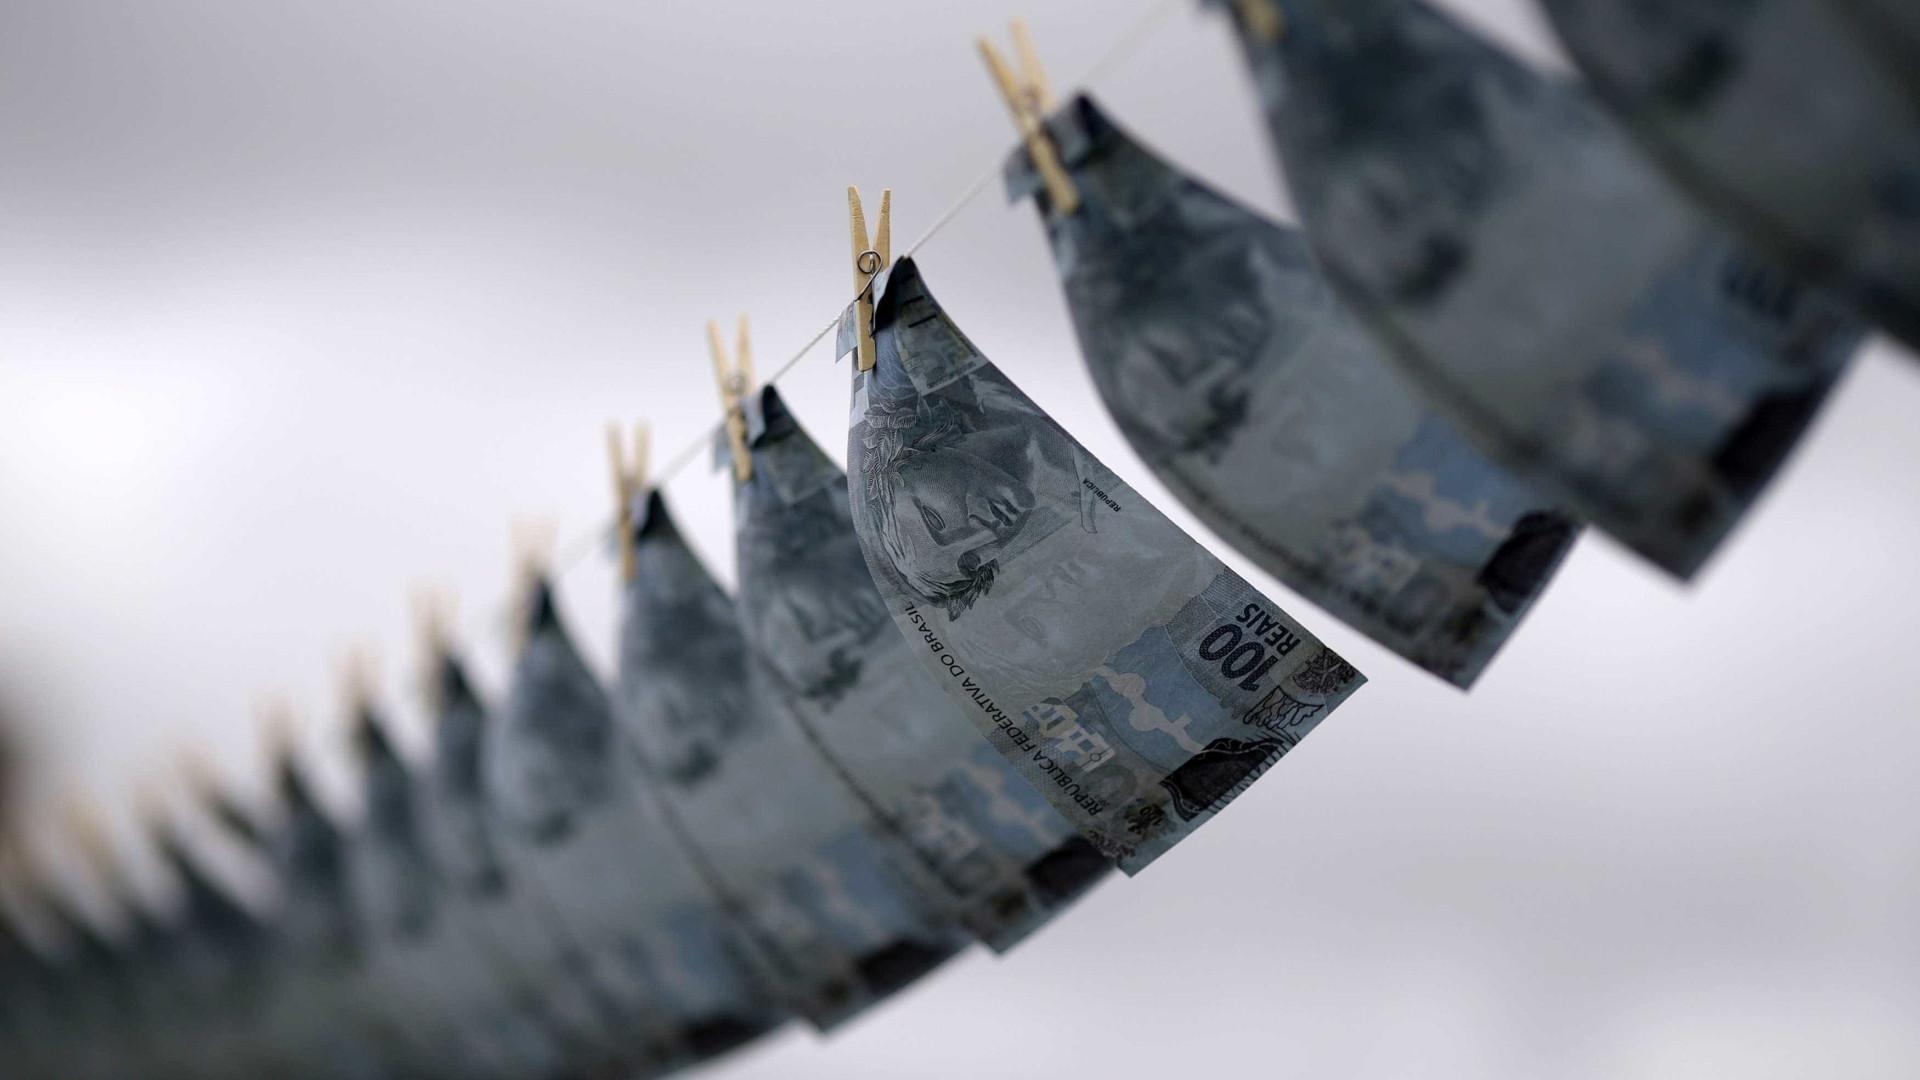 Aumento para ministros do STF teria impacto de R$ 4 bi, diz Congresso